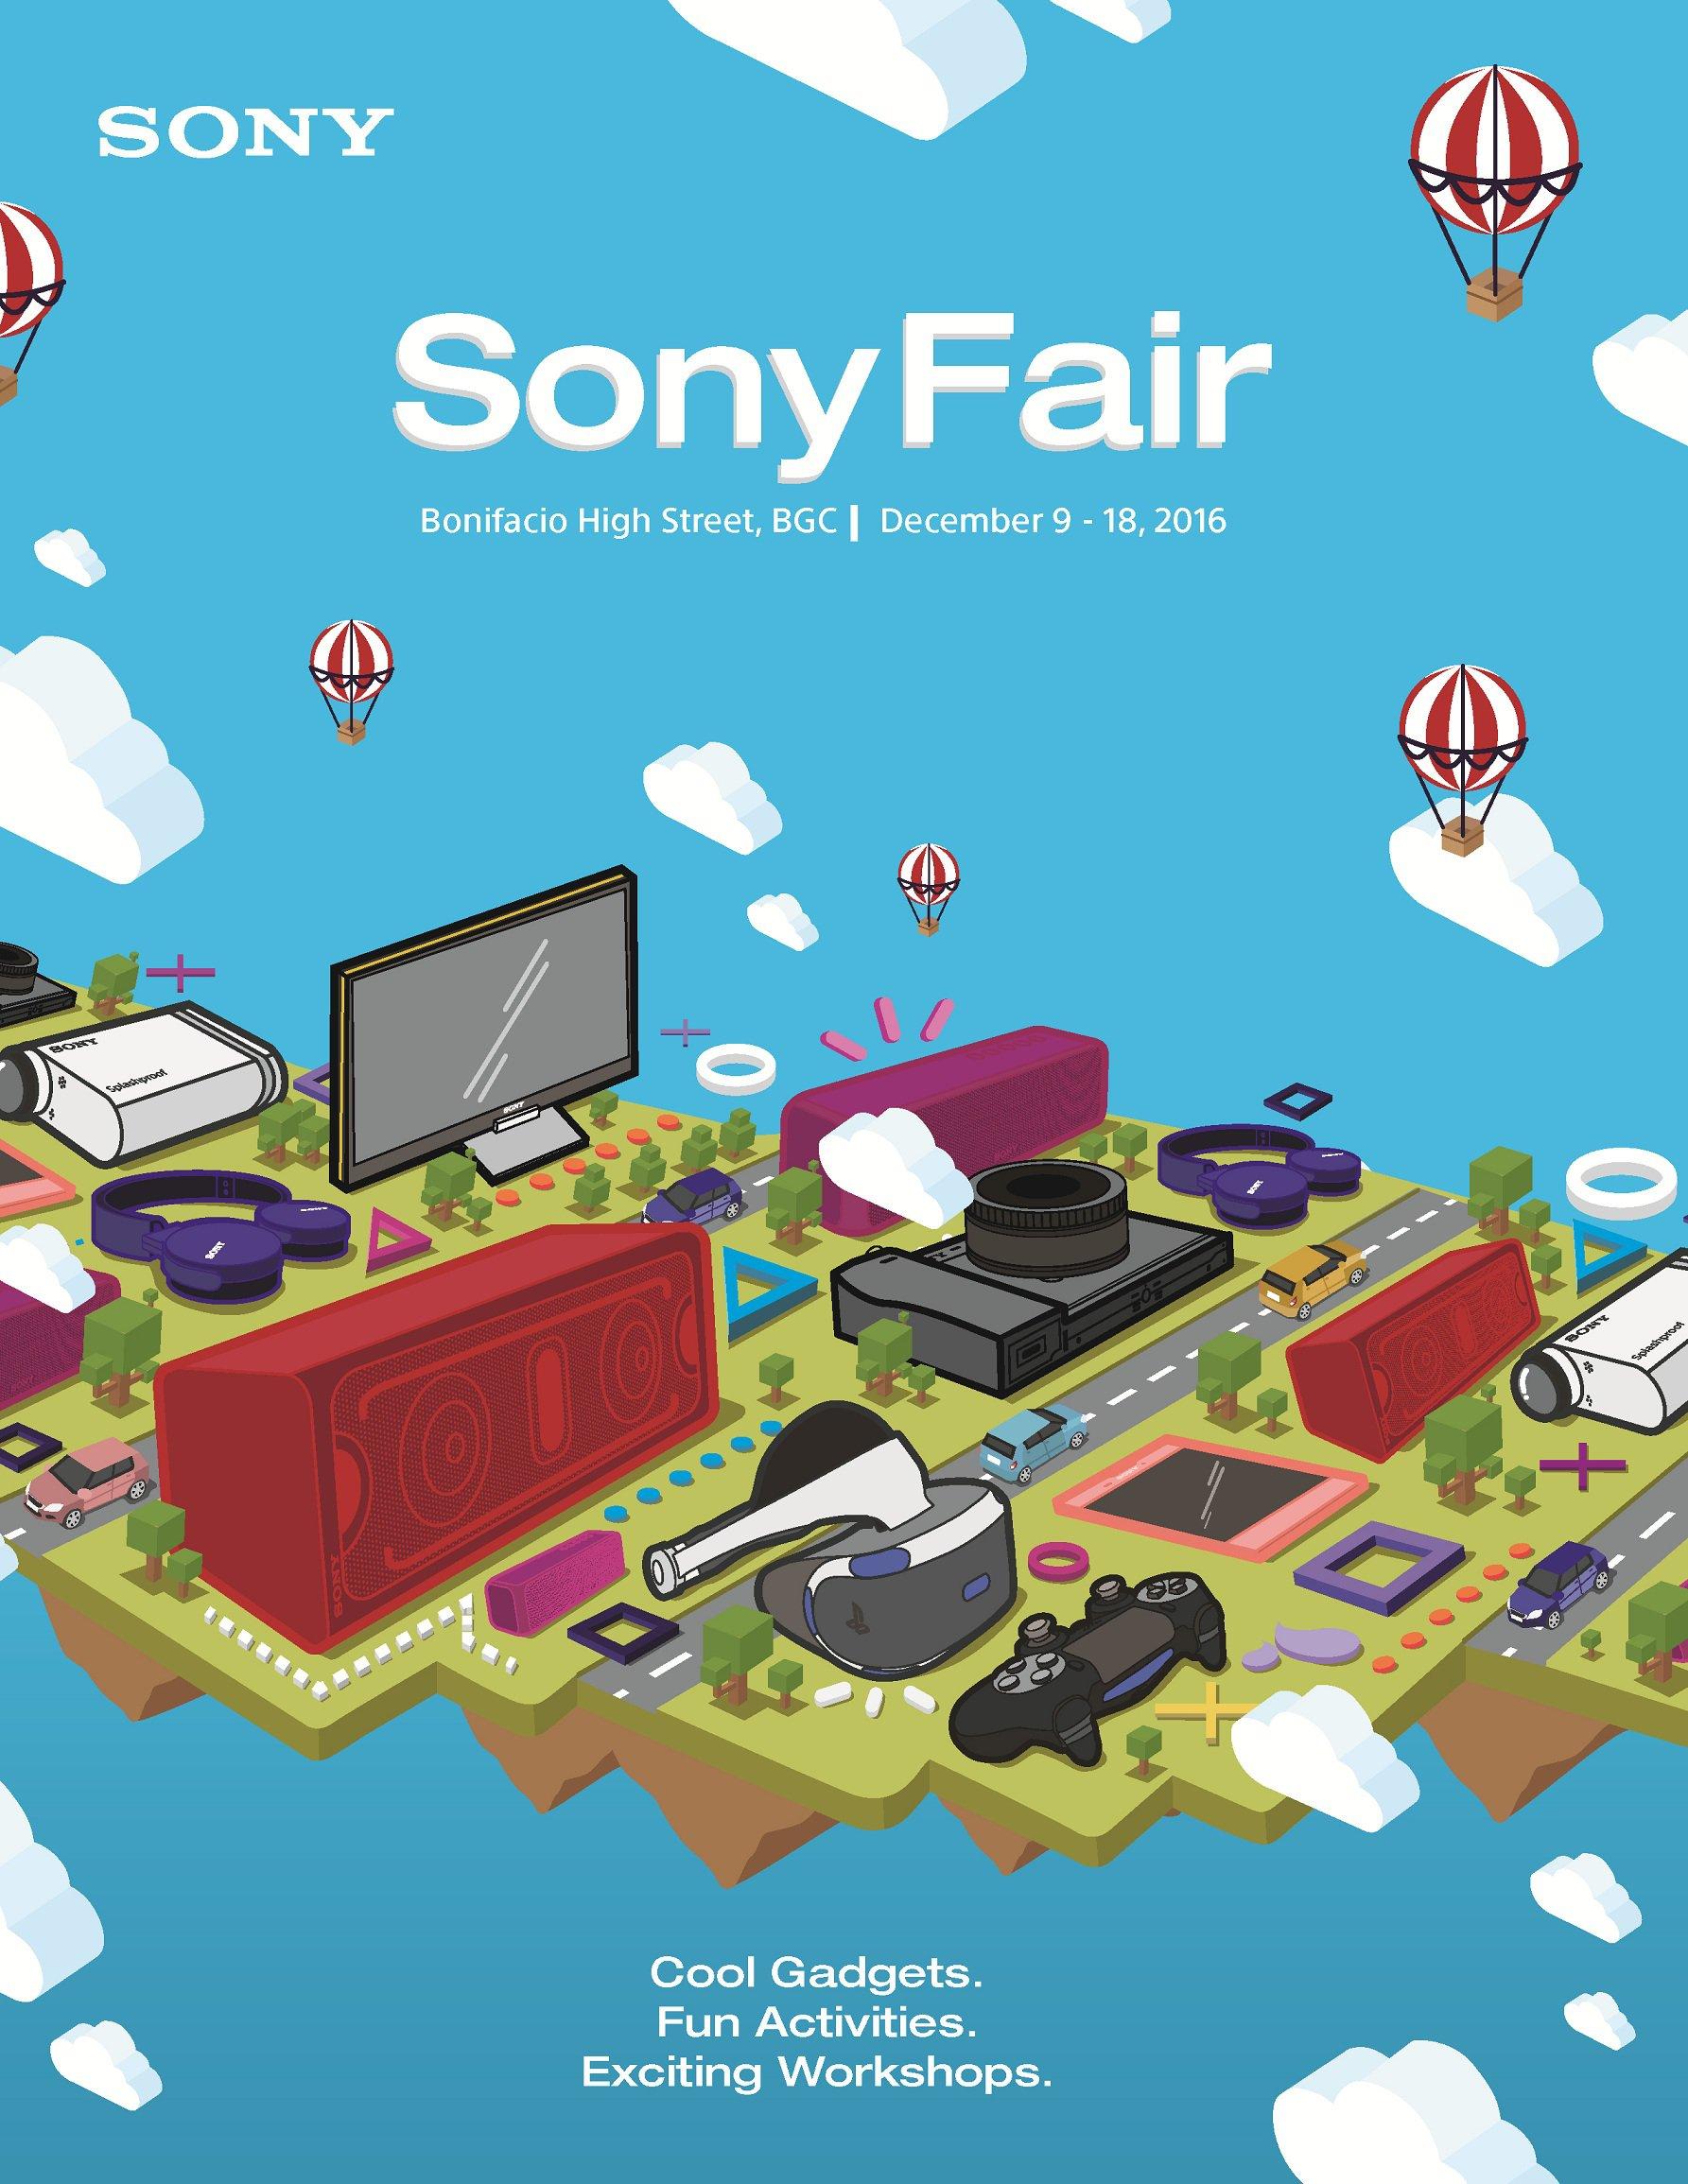 sony-fair-2016-1